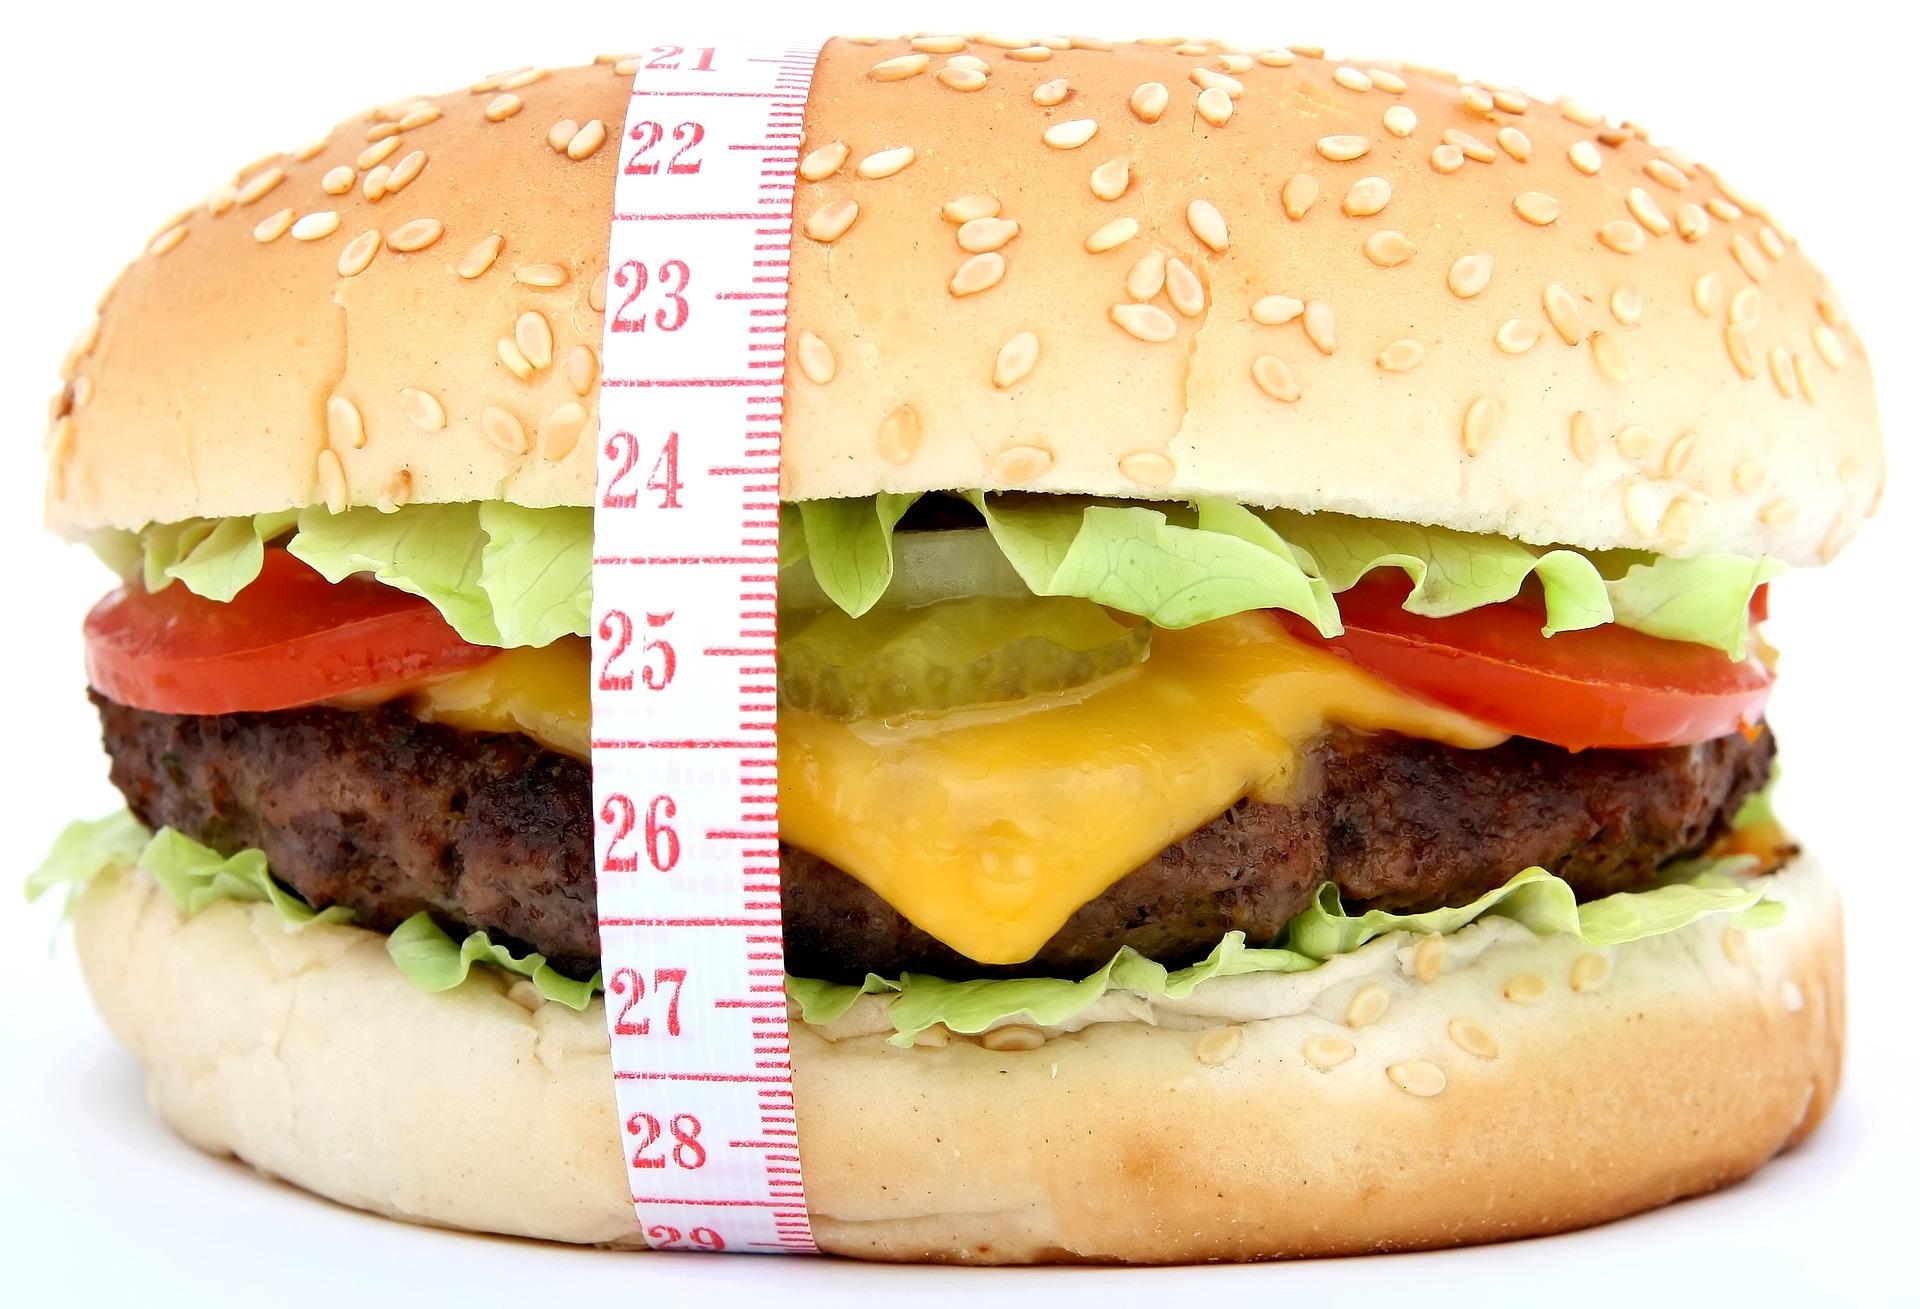 appetite-1239200_1920.jpg